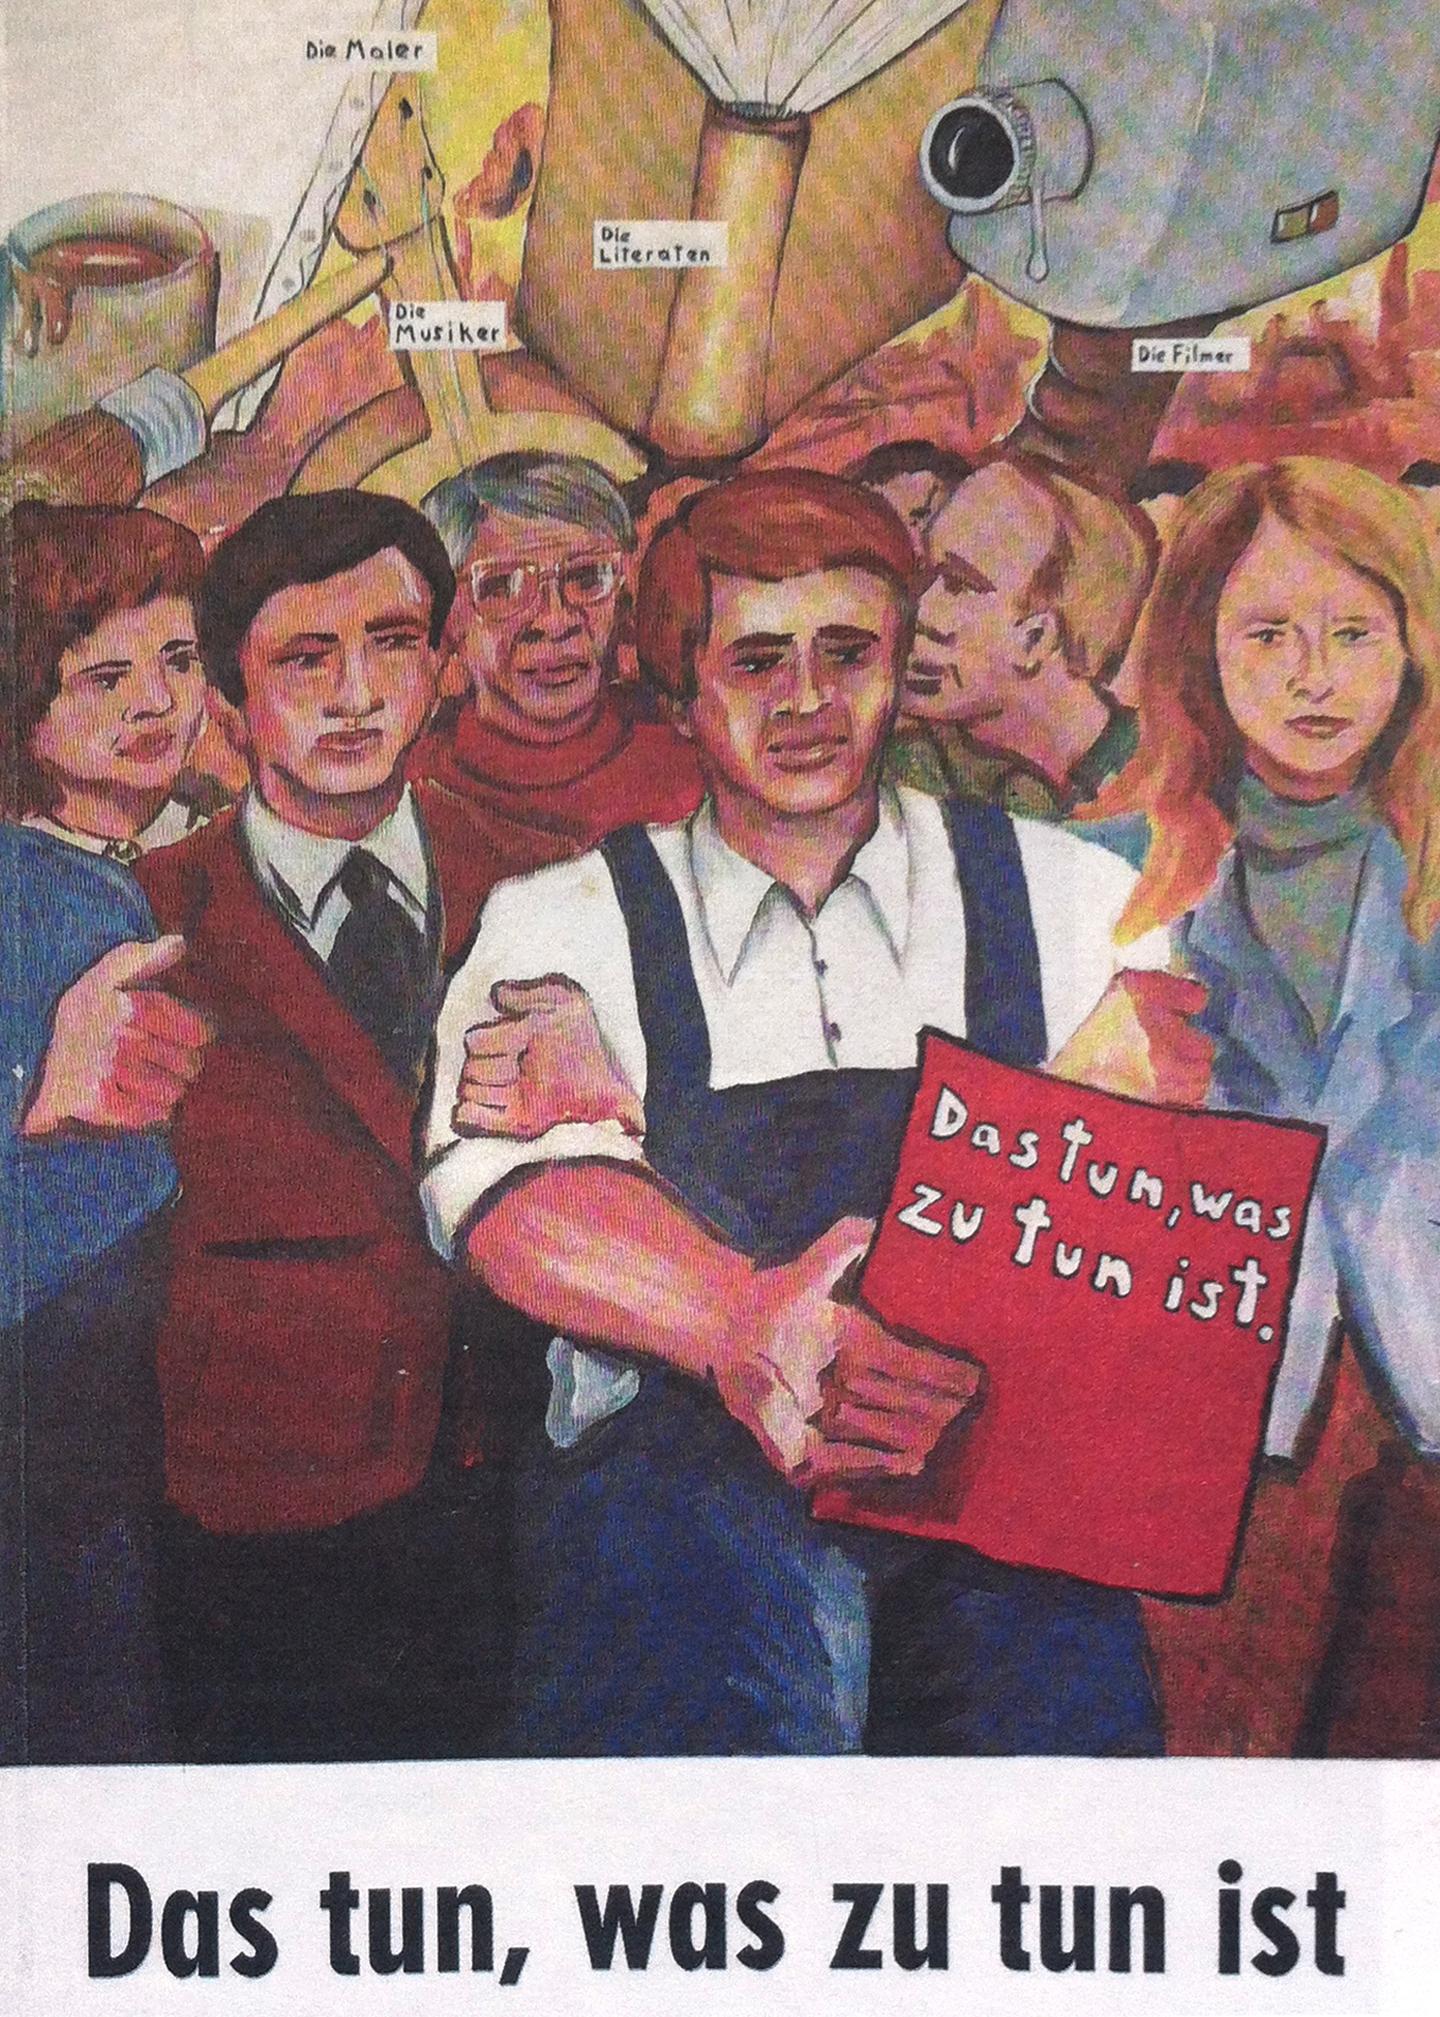 Jörg Immendorff, Hier und jetzt: Das tun, was zu tun ist. Materialien zur Diskussion: Kunst im politischen Kampf. Auf welcher Seite stehst Du, Kulturschaffender?, König, 1973